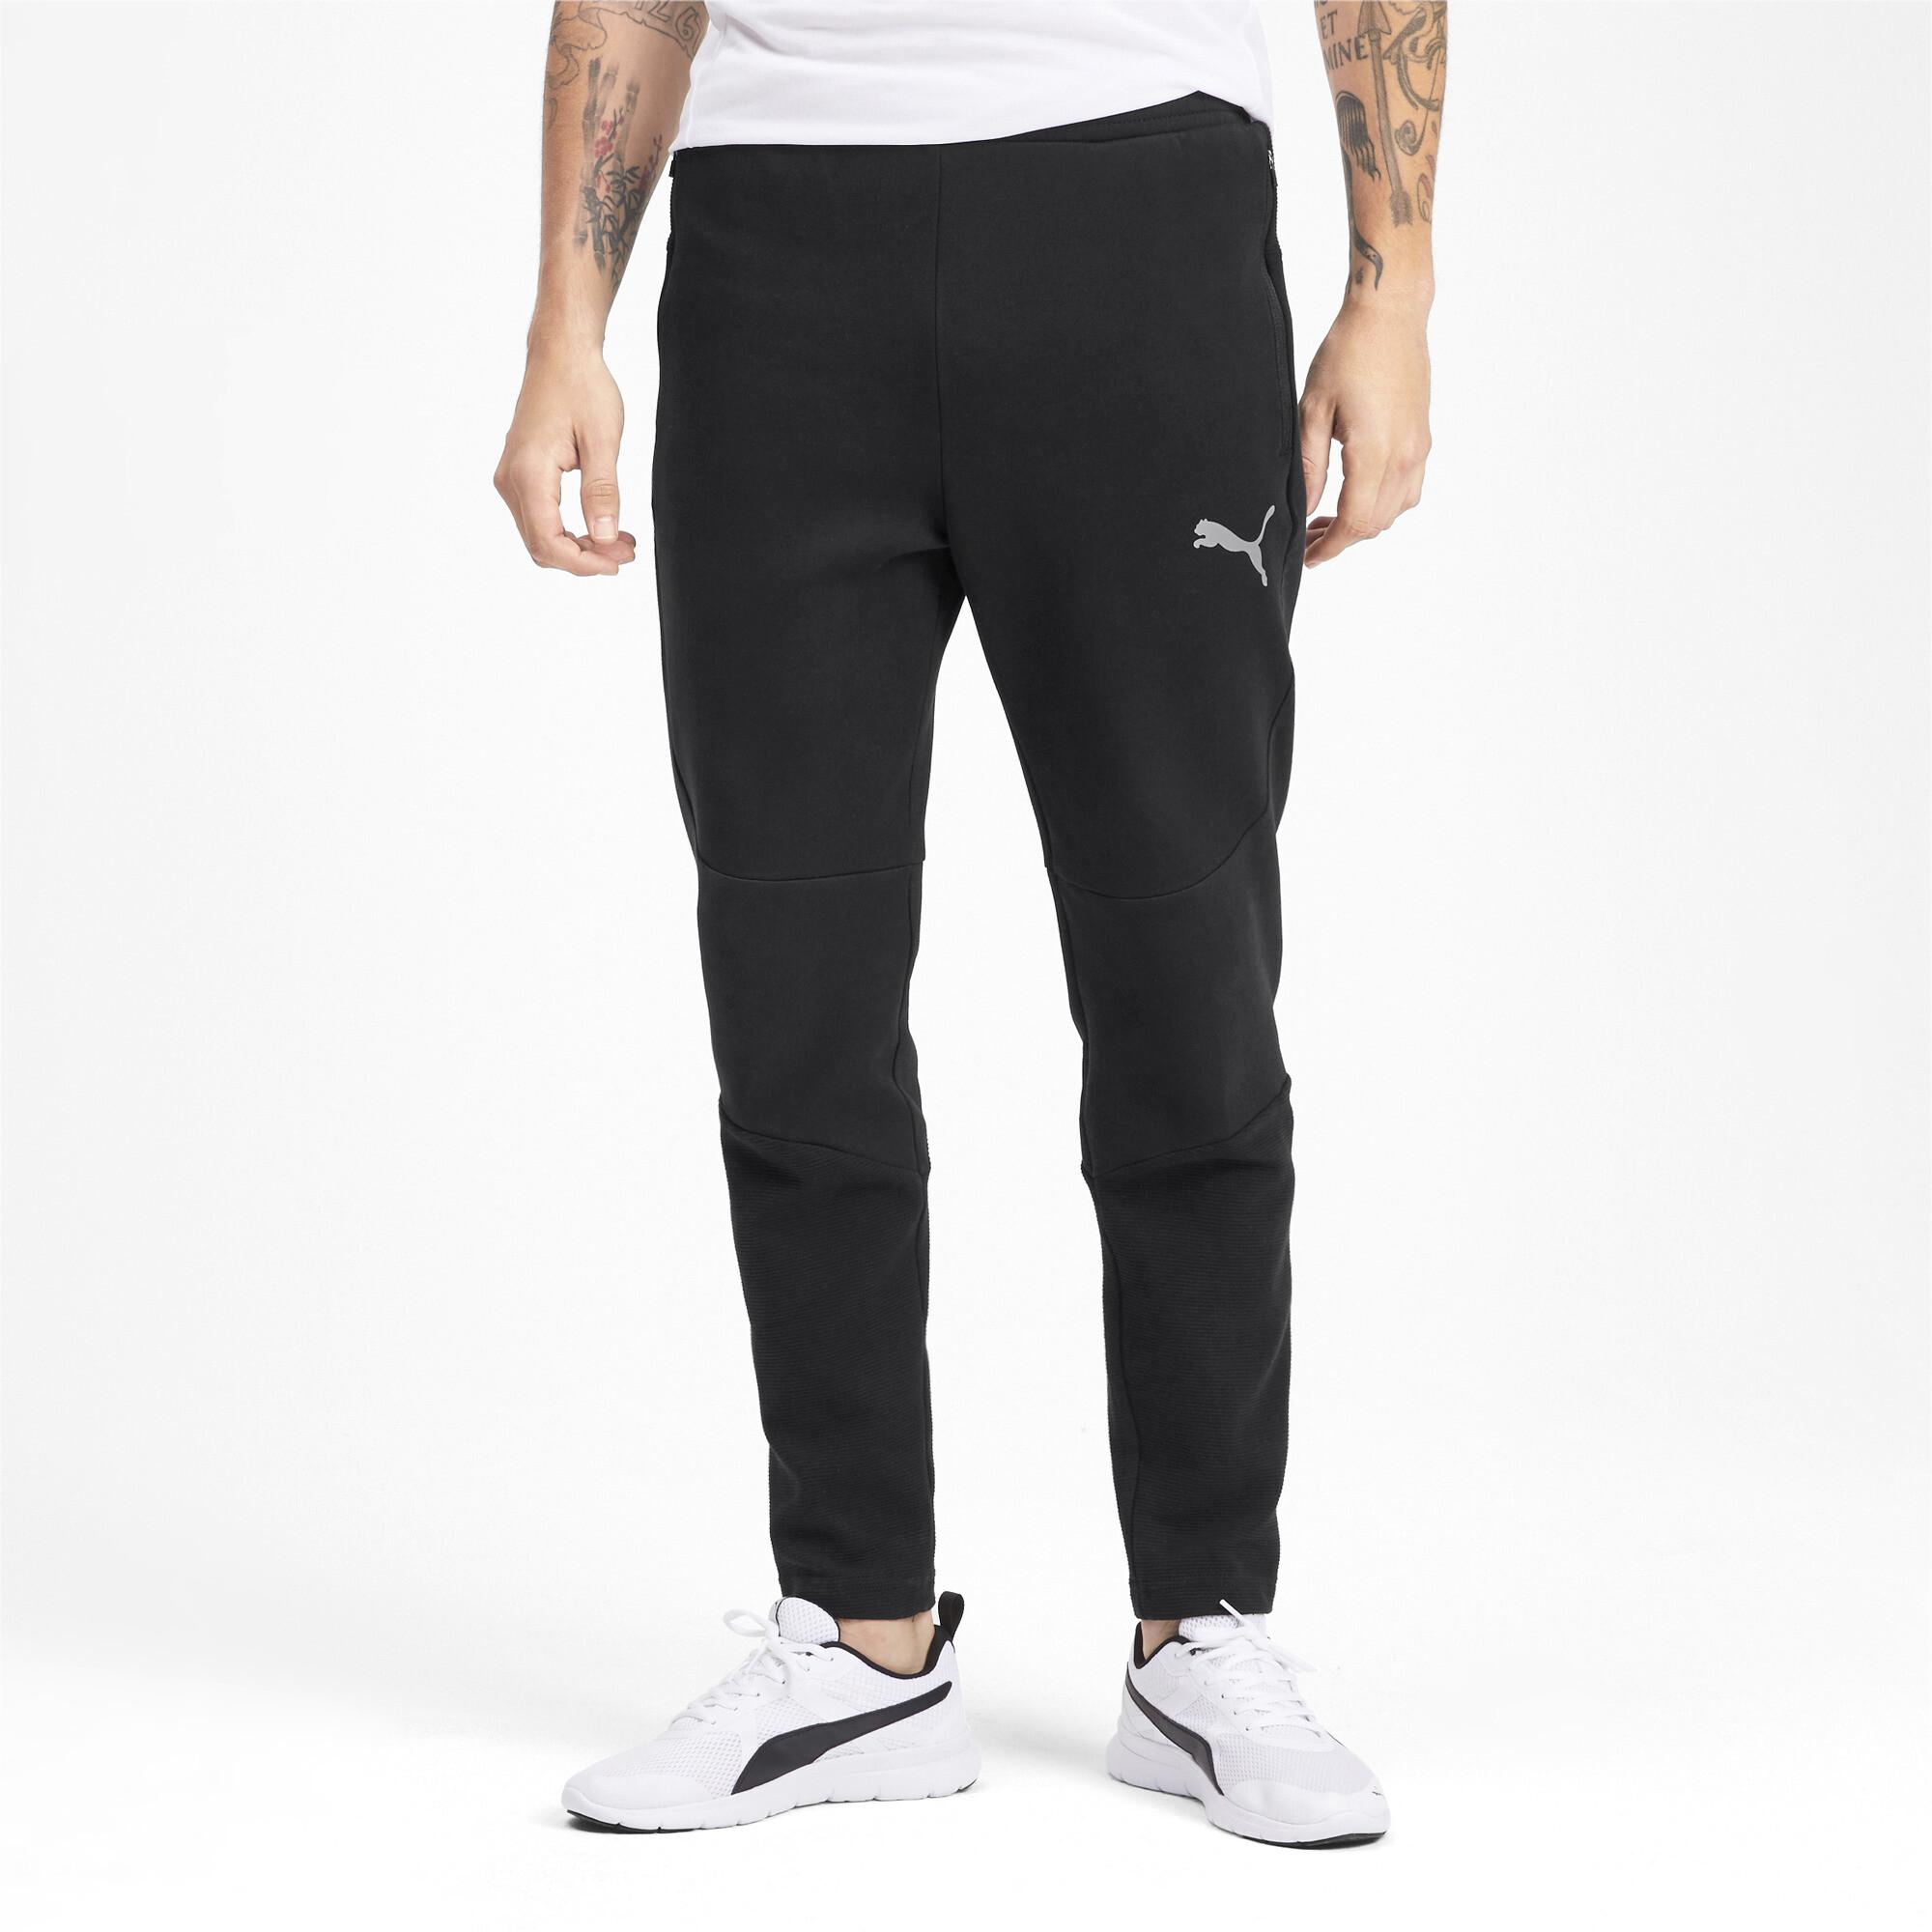 PUMA-Evostripe-Men-039-s-Pants-Men-Knitted-Pants-Basics thumbnail 9